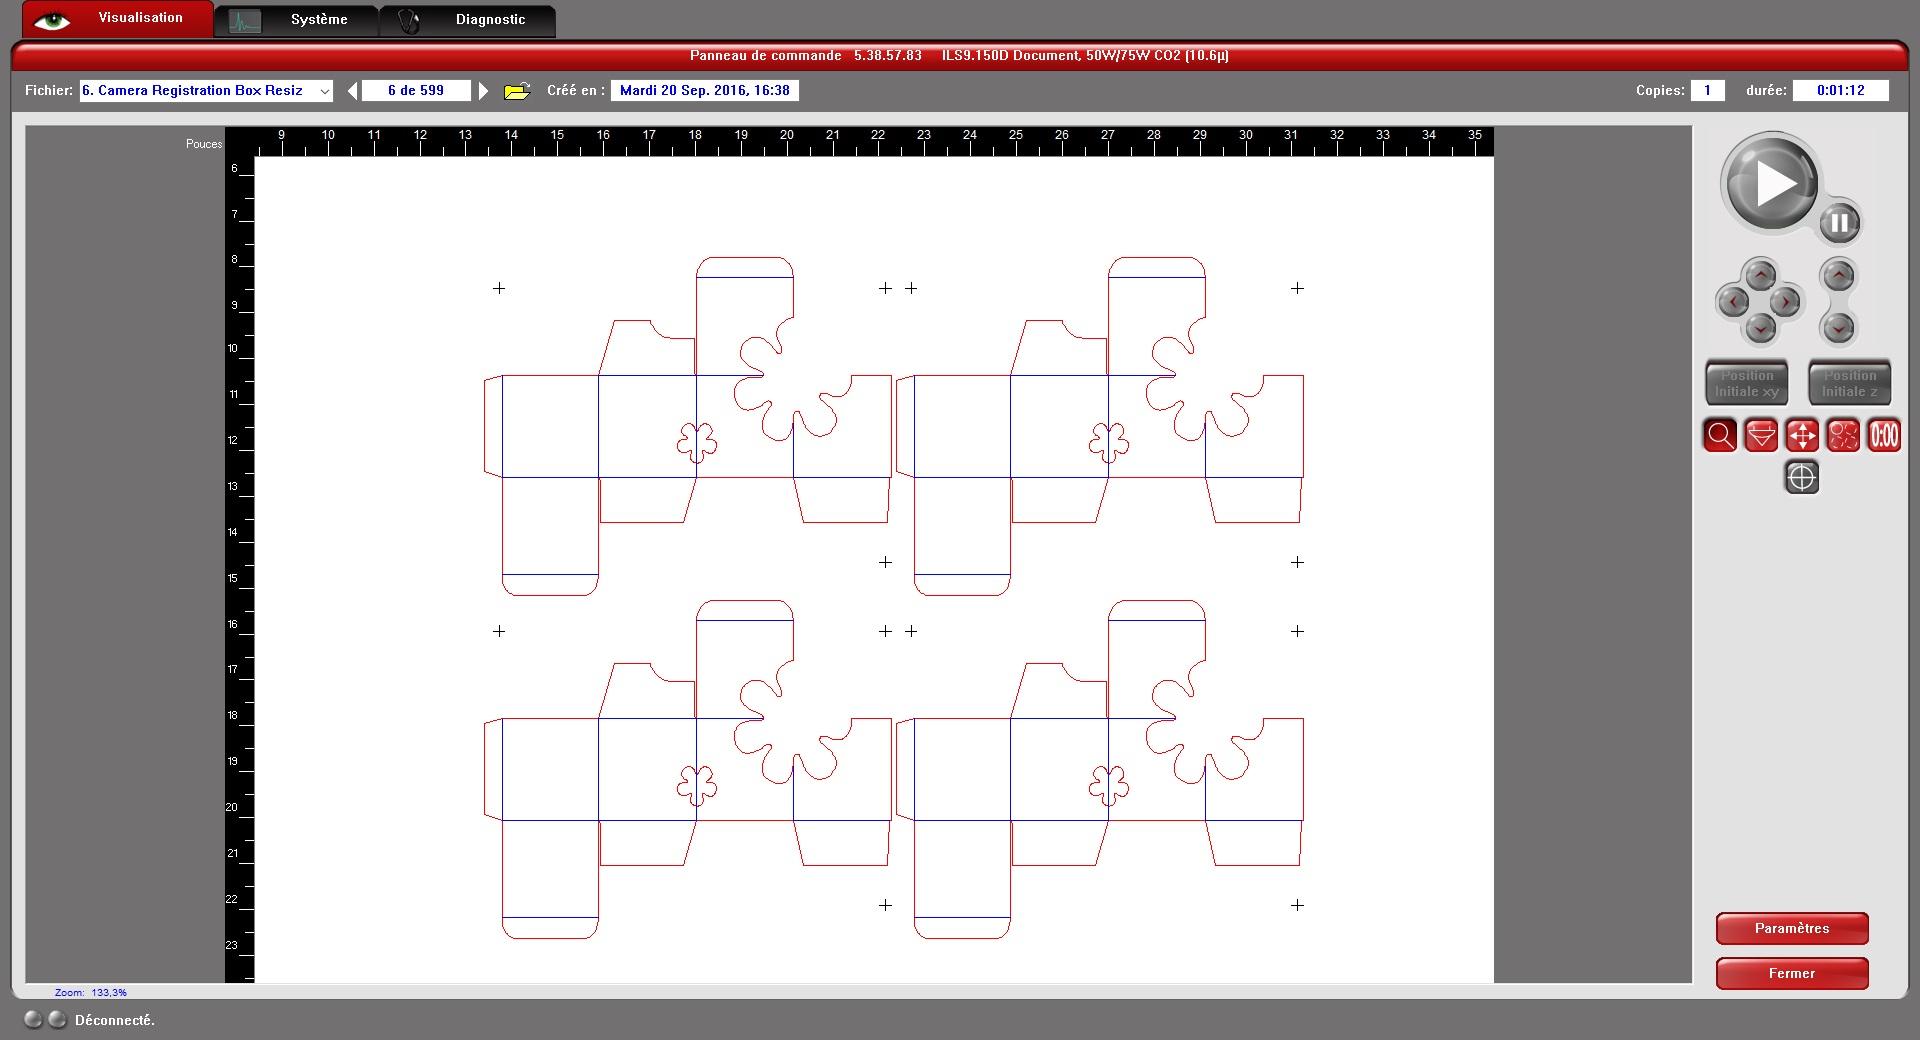 Logiciel de système laser avec quatre copies d'un processus de détection de caméra unique généré par la duplication, comme décrit dans le système XLS